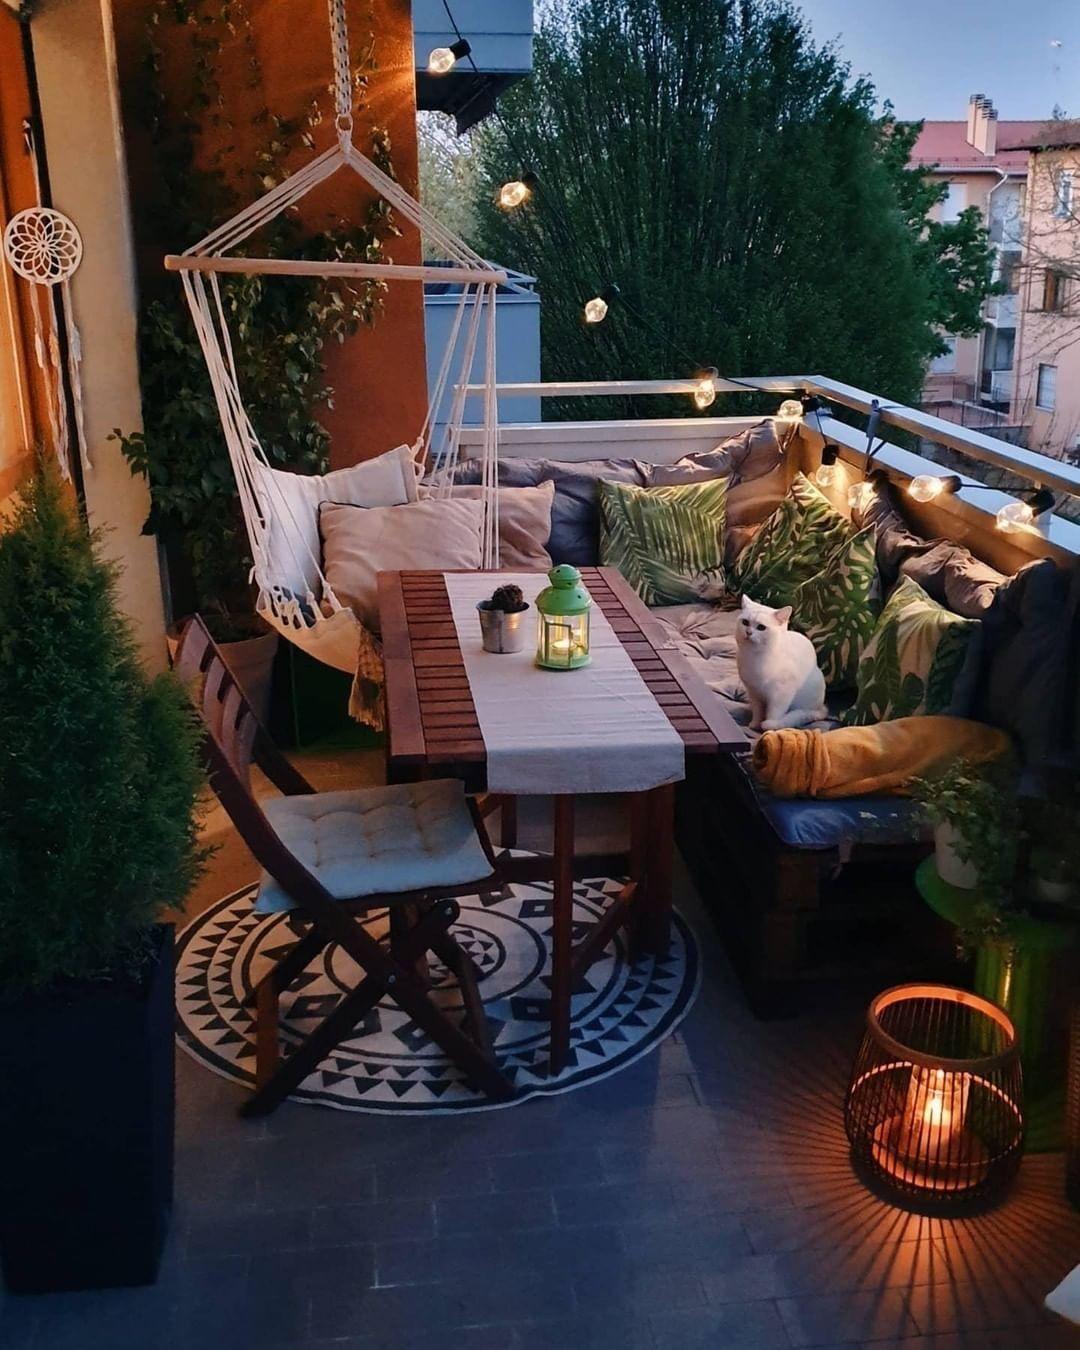 Epingle Sur A Home And Garden